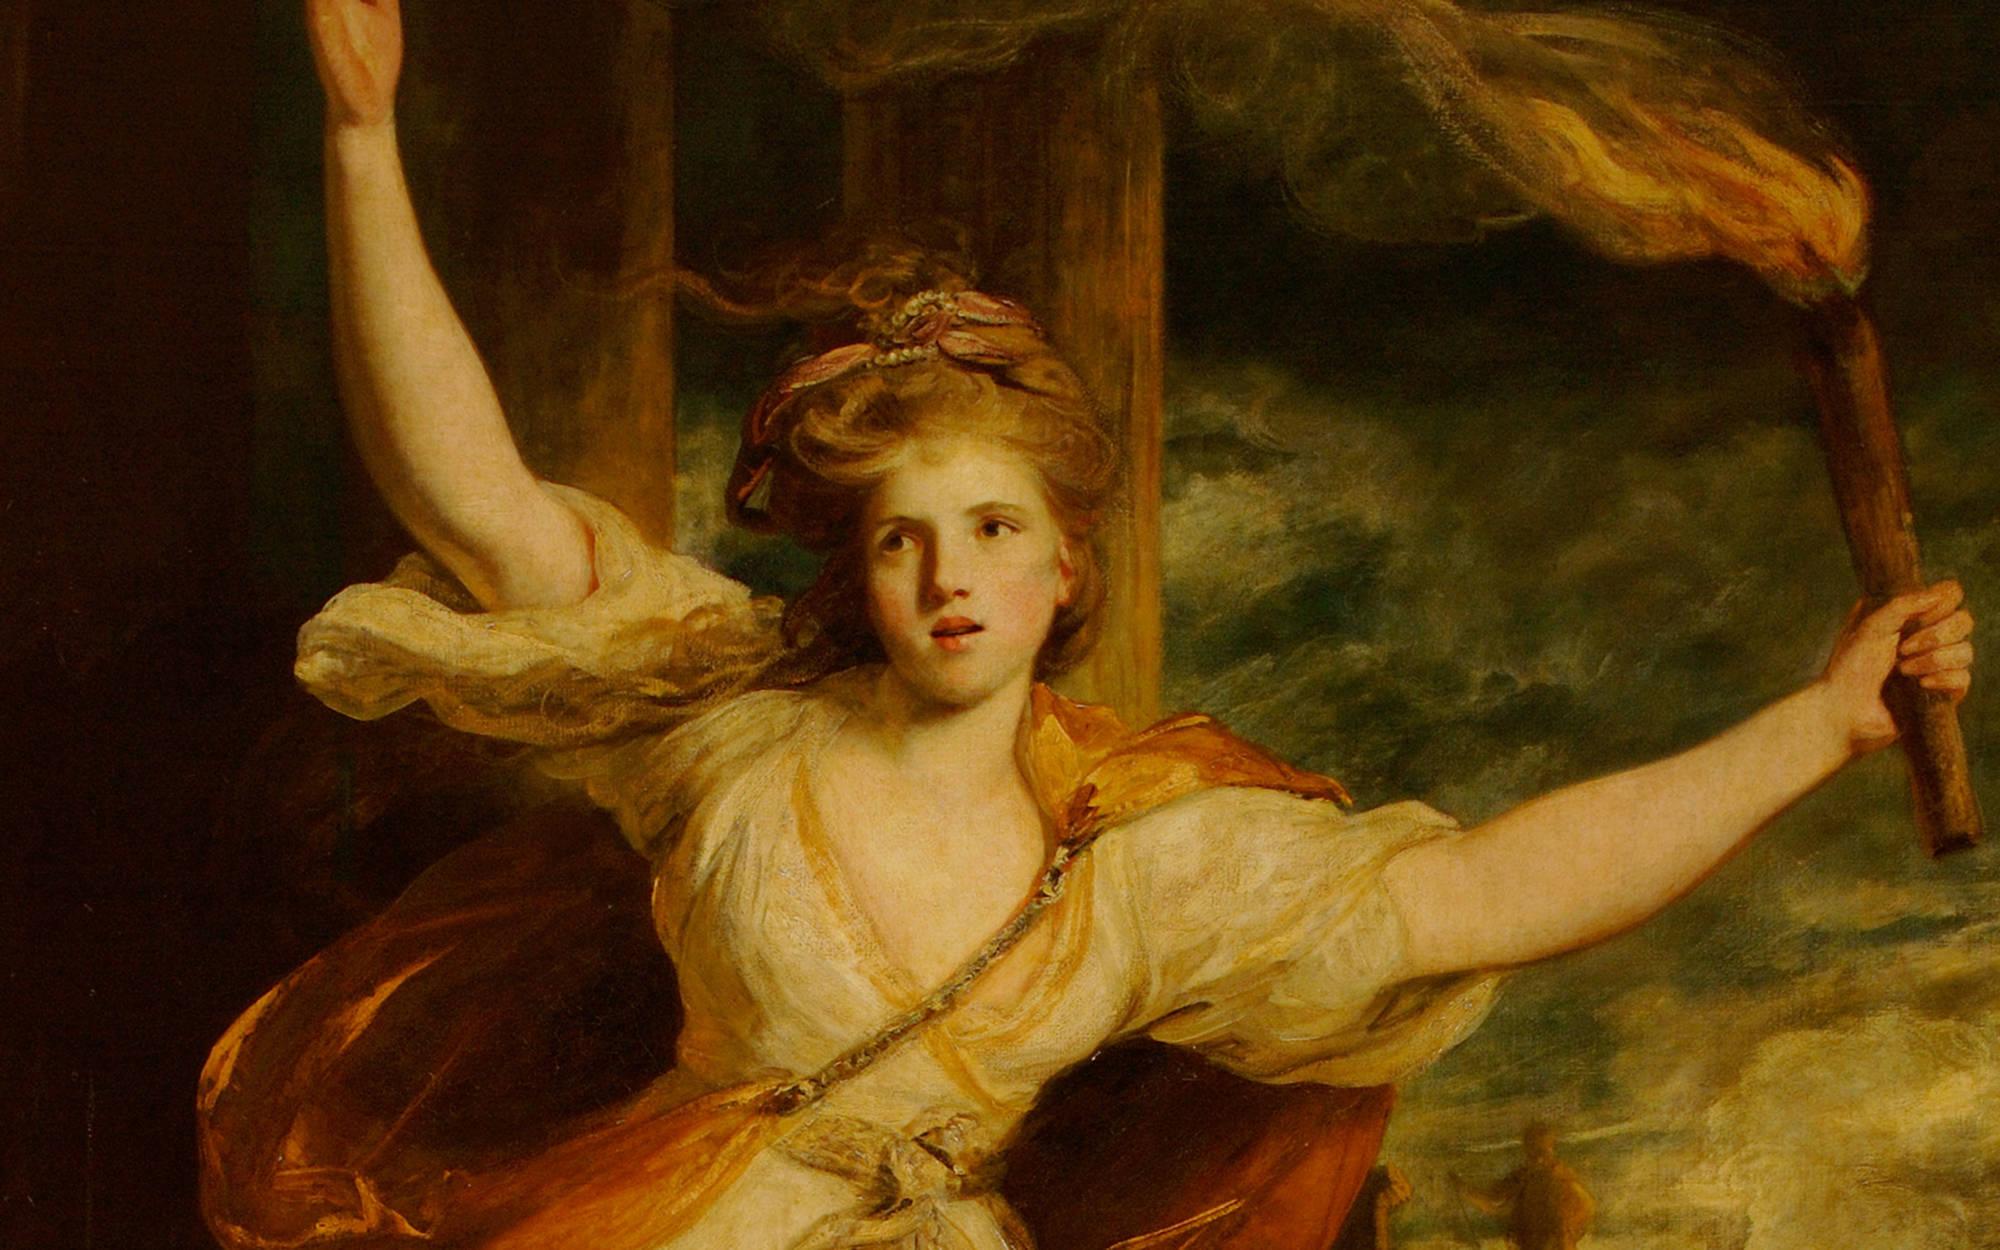 Joshua Reynolds, Thaïs, 1781; Waddesdon